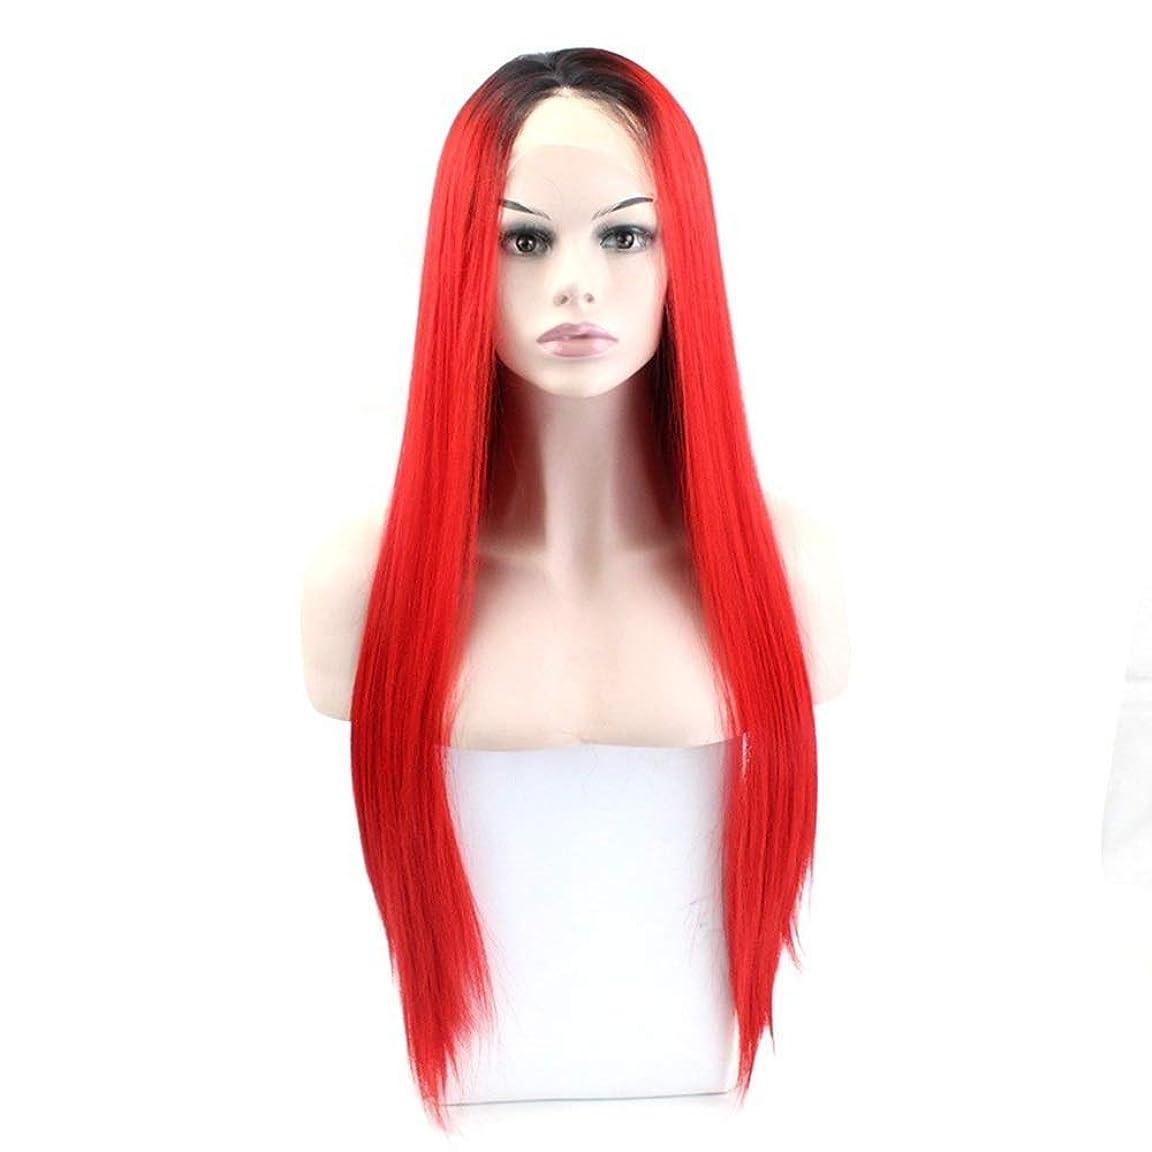 神経衰弱攻撃的革新ZXF ヨーロッパとアメリカのかつら女性のフロントレース化学繊維かつらレースのかつら長い髪のワインレッドの高温シルクのかつらを染めることができます 美しい